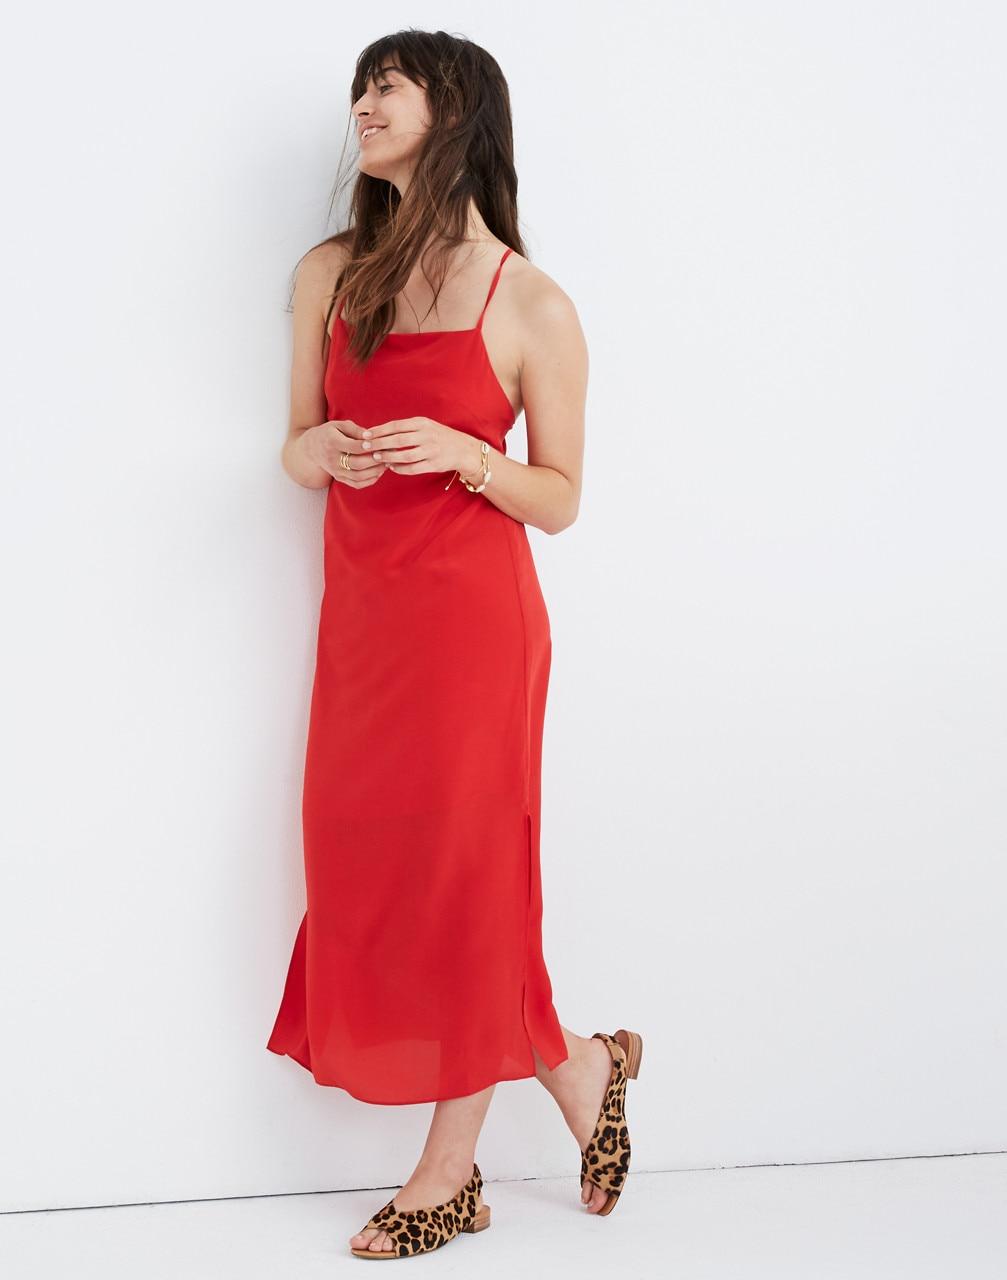 Silk Cross Back Slip Midi Dress Midi Dress Work Red Slip Dress Silk Slip Dress [ 1280 x 1007 Pixel ]